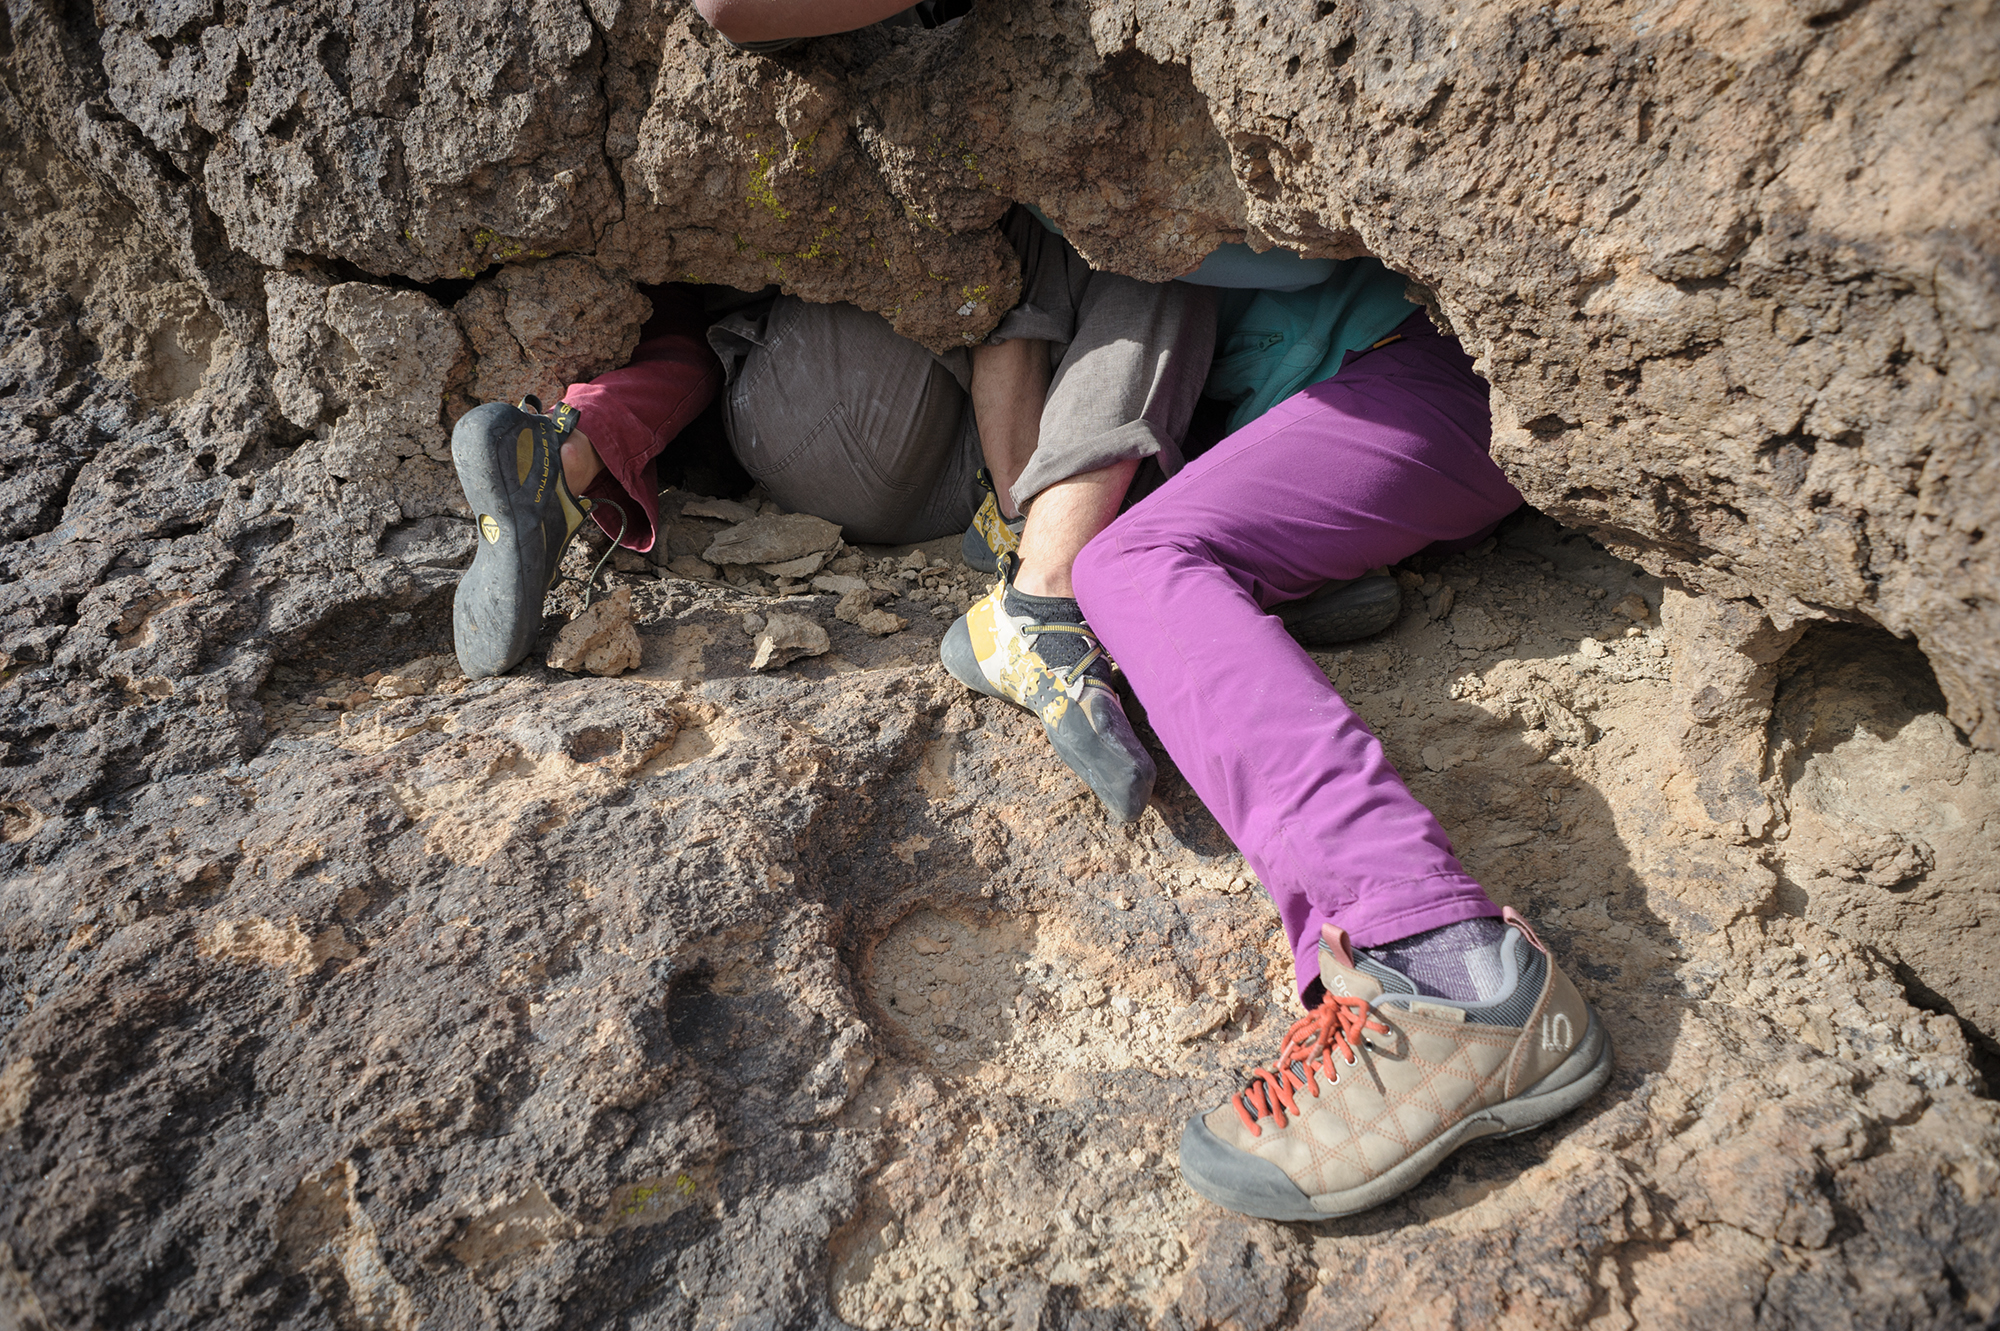 Bishop_climbing_0144.jpg